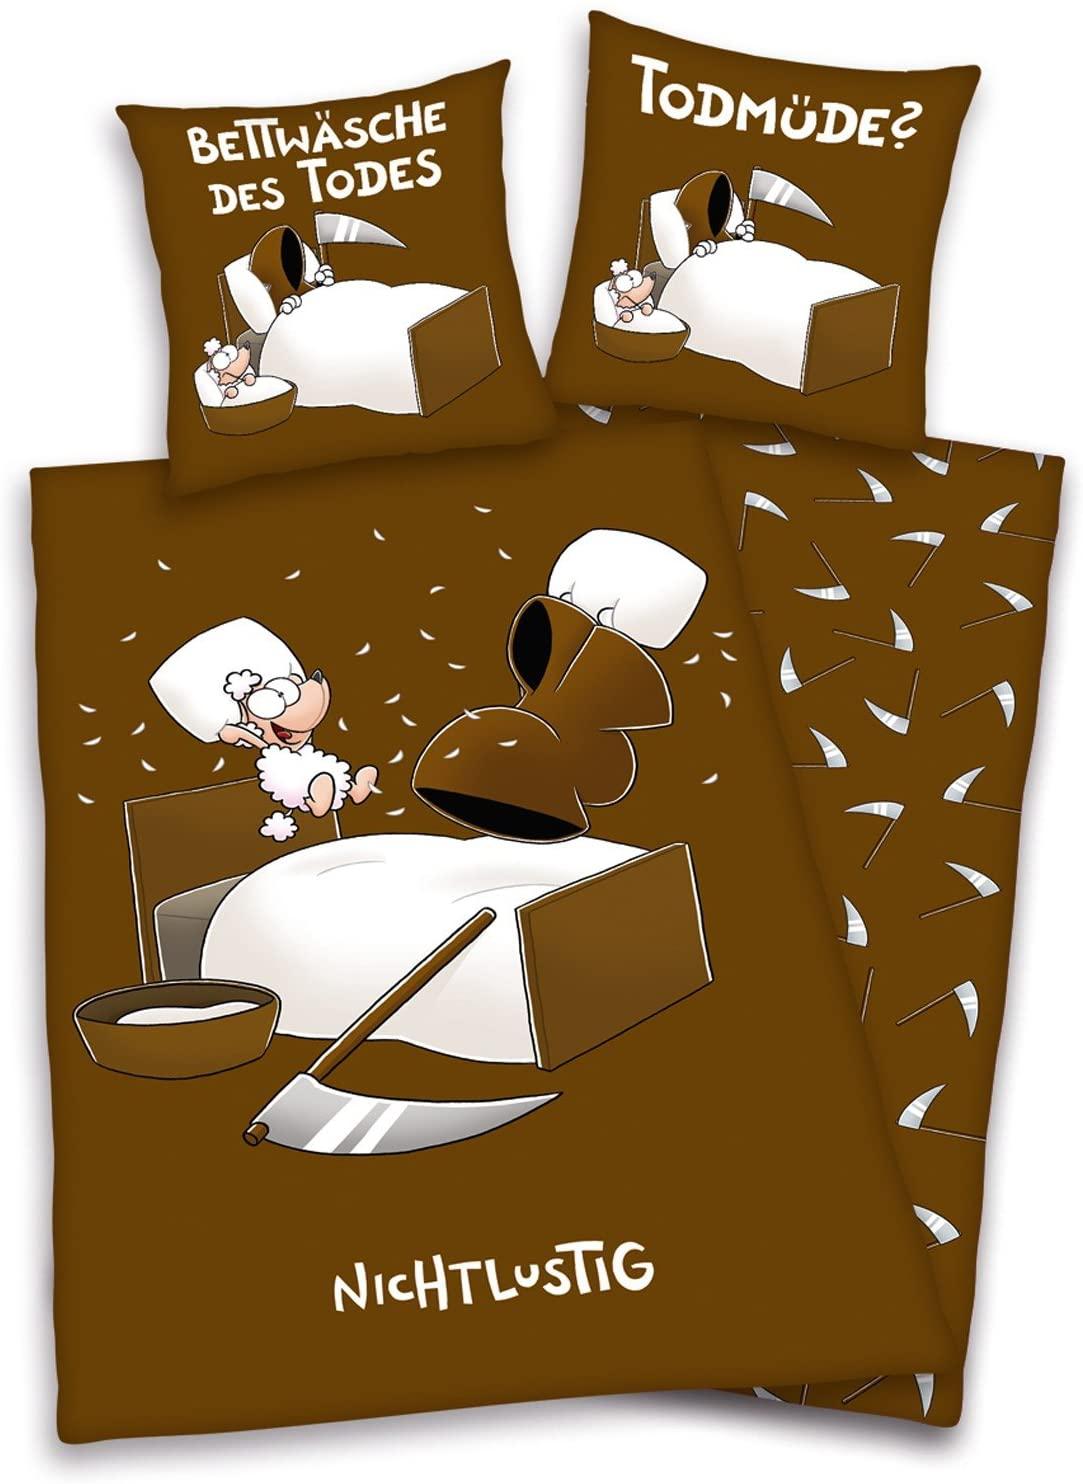 Full Size of Nicht Lustig Bettwsche Braun 34 80x80 Cm 135x200 Amazon T Shirt Lustige Sprüche Bettwäsche T Shirt Wohnzimmer Bettwäsche Lustig